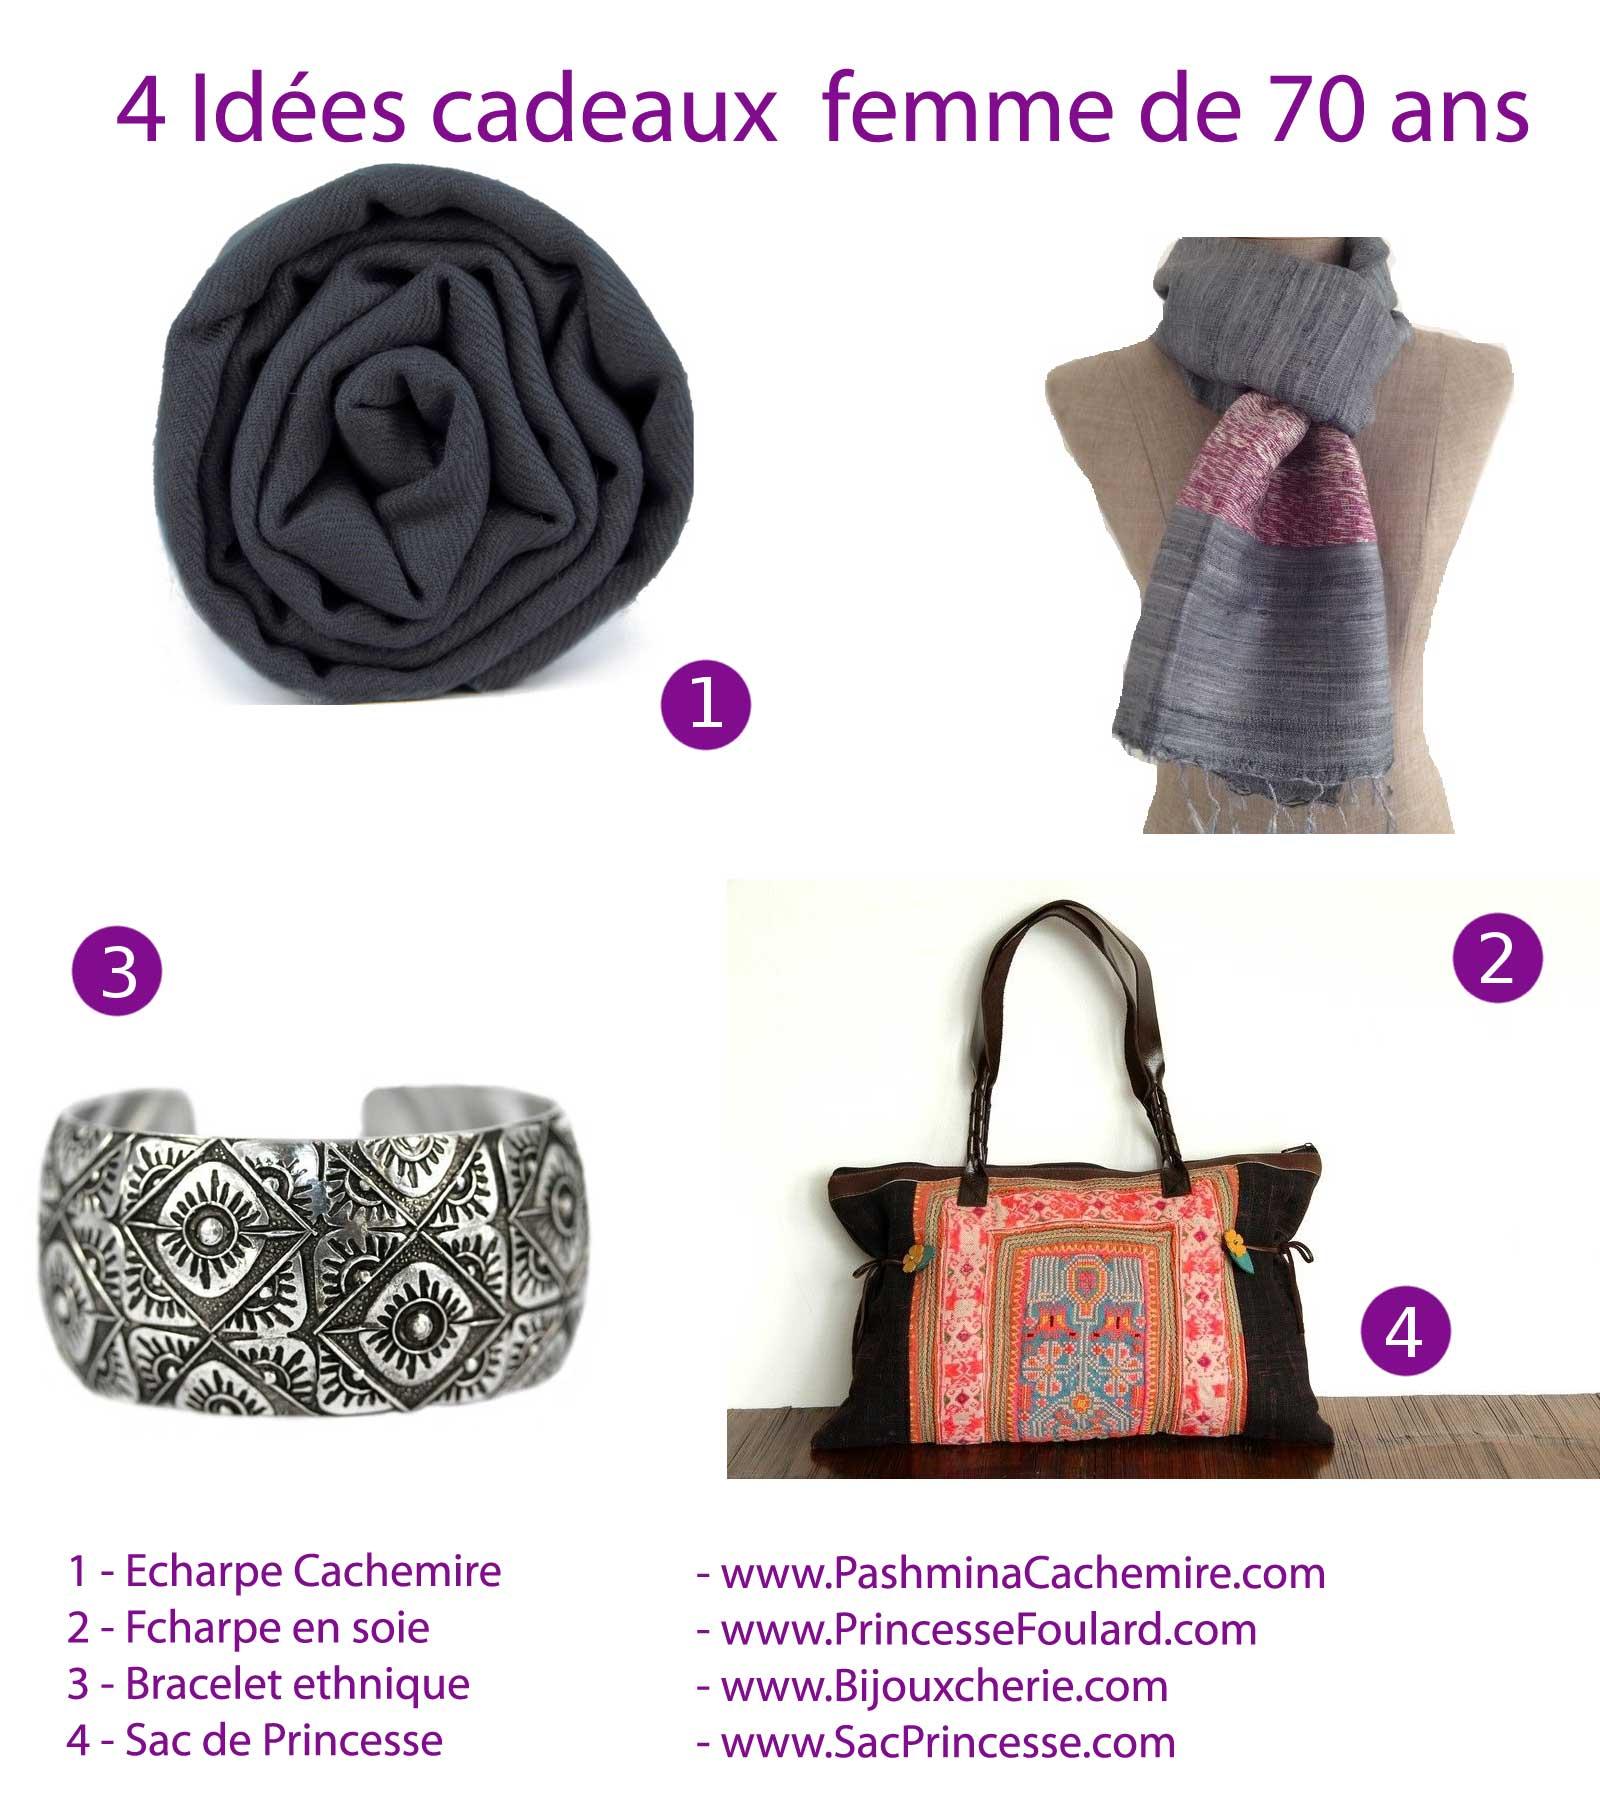 Cadeau Noel Pour Femme 20 Ans.Idee Cadeau Noel Femme 70 Ans Hoegulismijngemeente